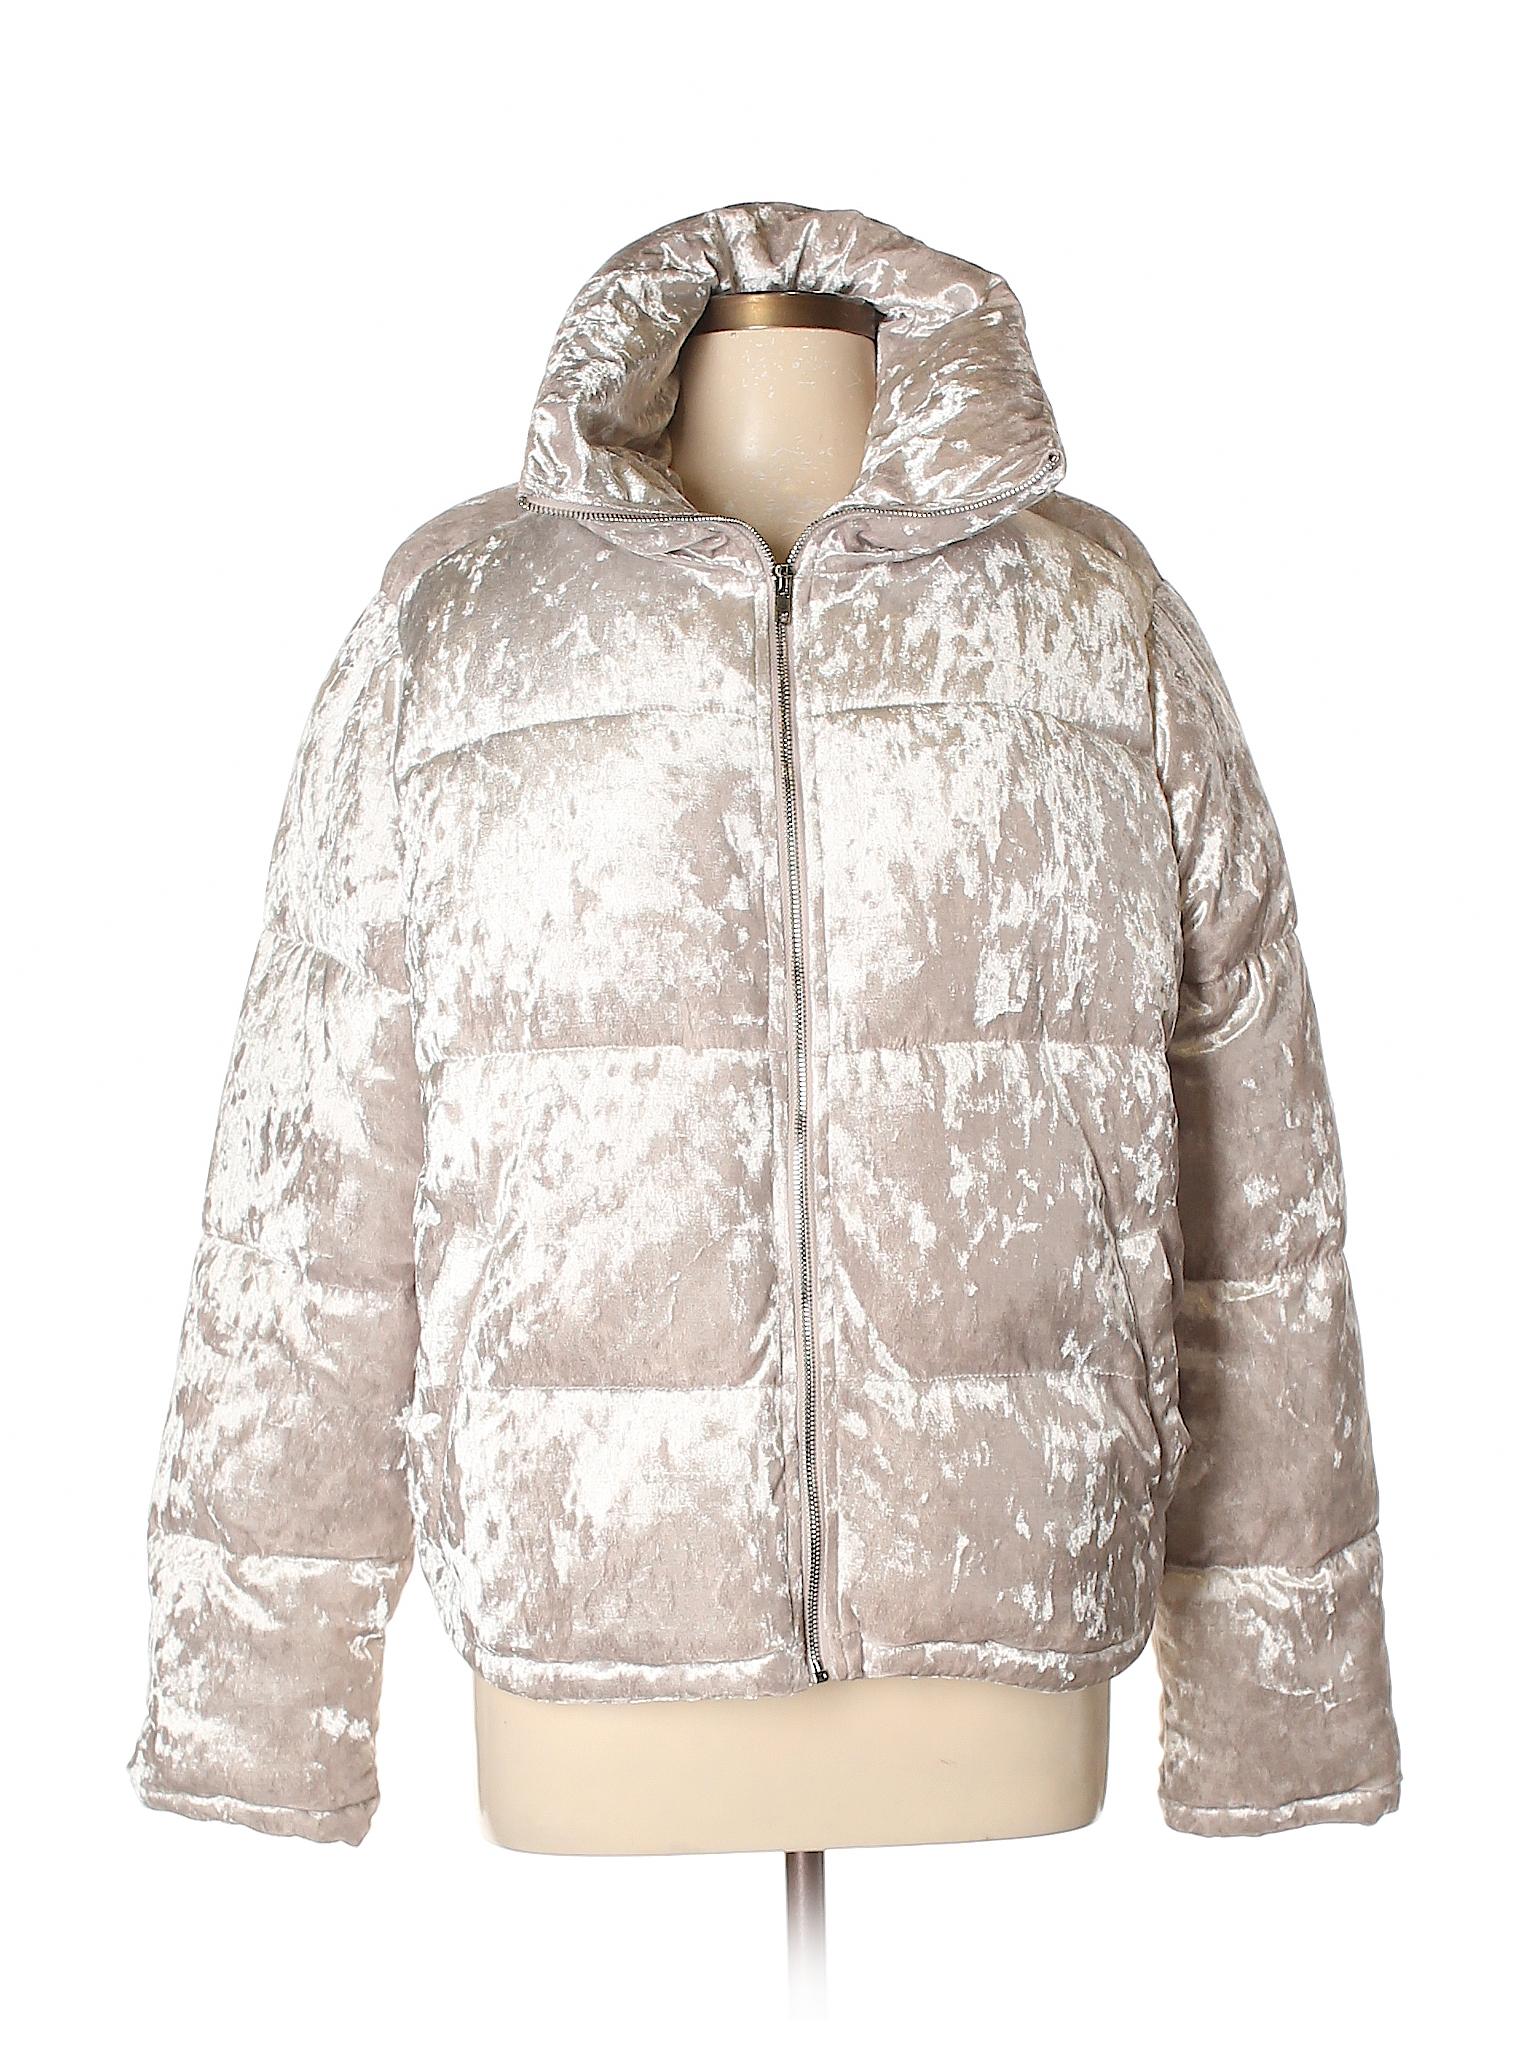 Coat Leisure Coat winter Leisure Leisure winter 21 winter Forever Forever 21 vE57HqEw